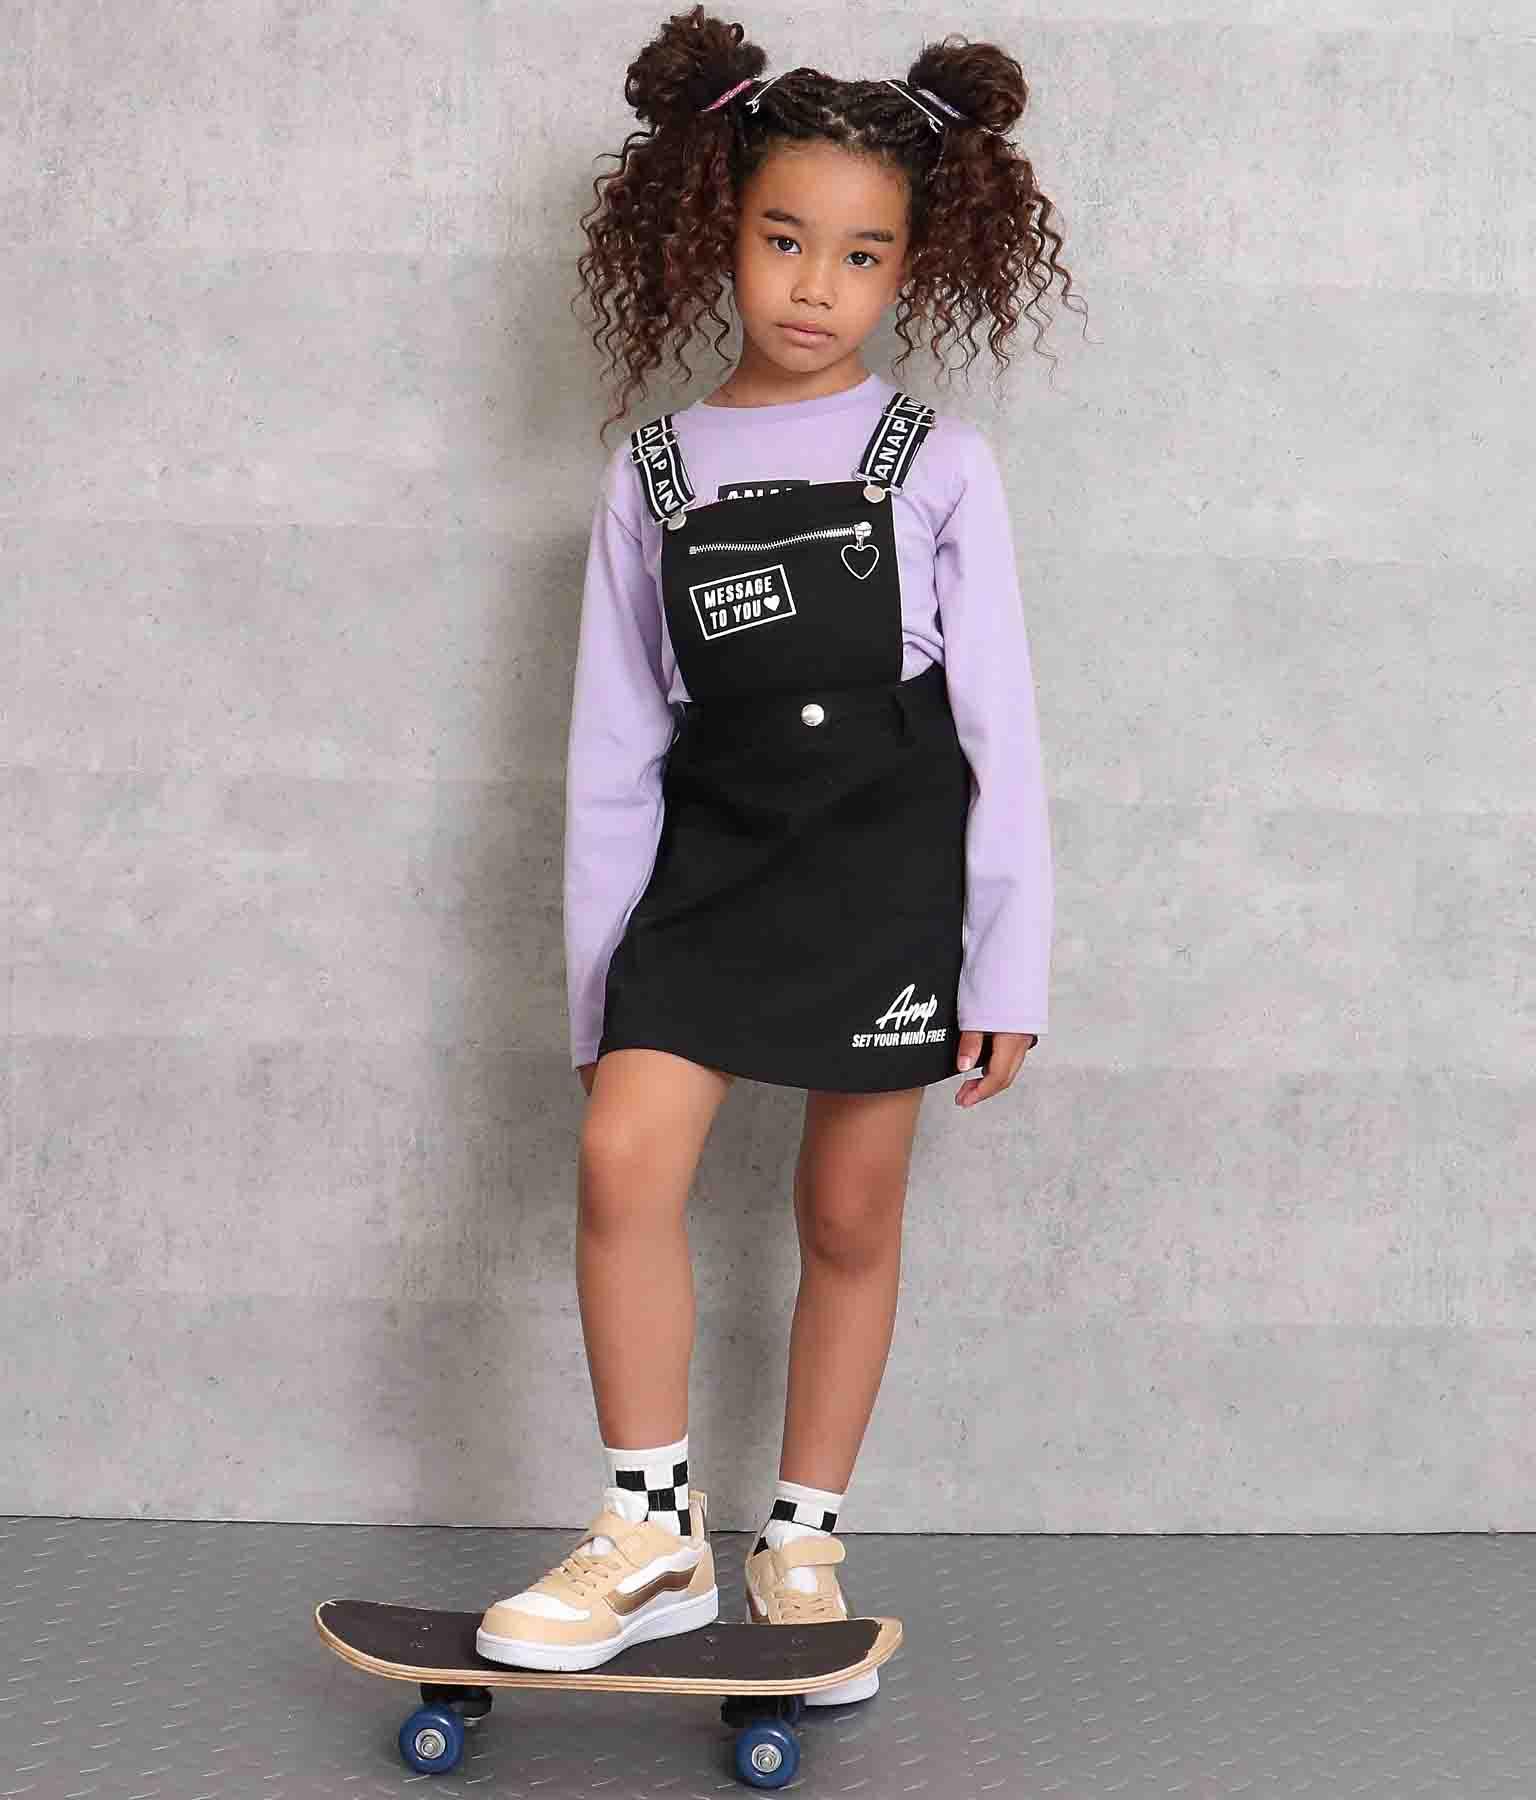 2WAYジャンパースカート(ワンピース・ドレス/サロペット/オールインワン) | ANAP KIDS